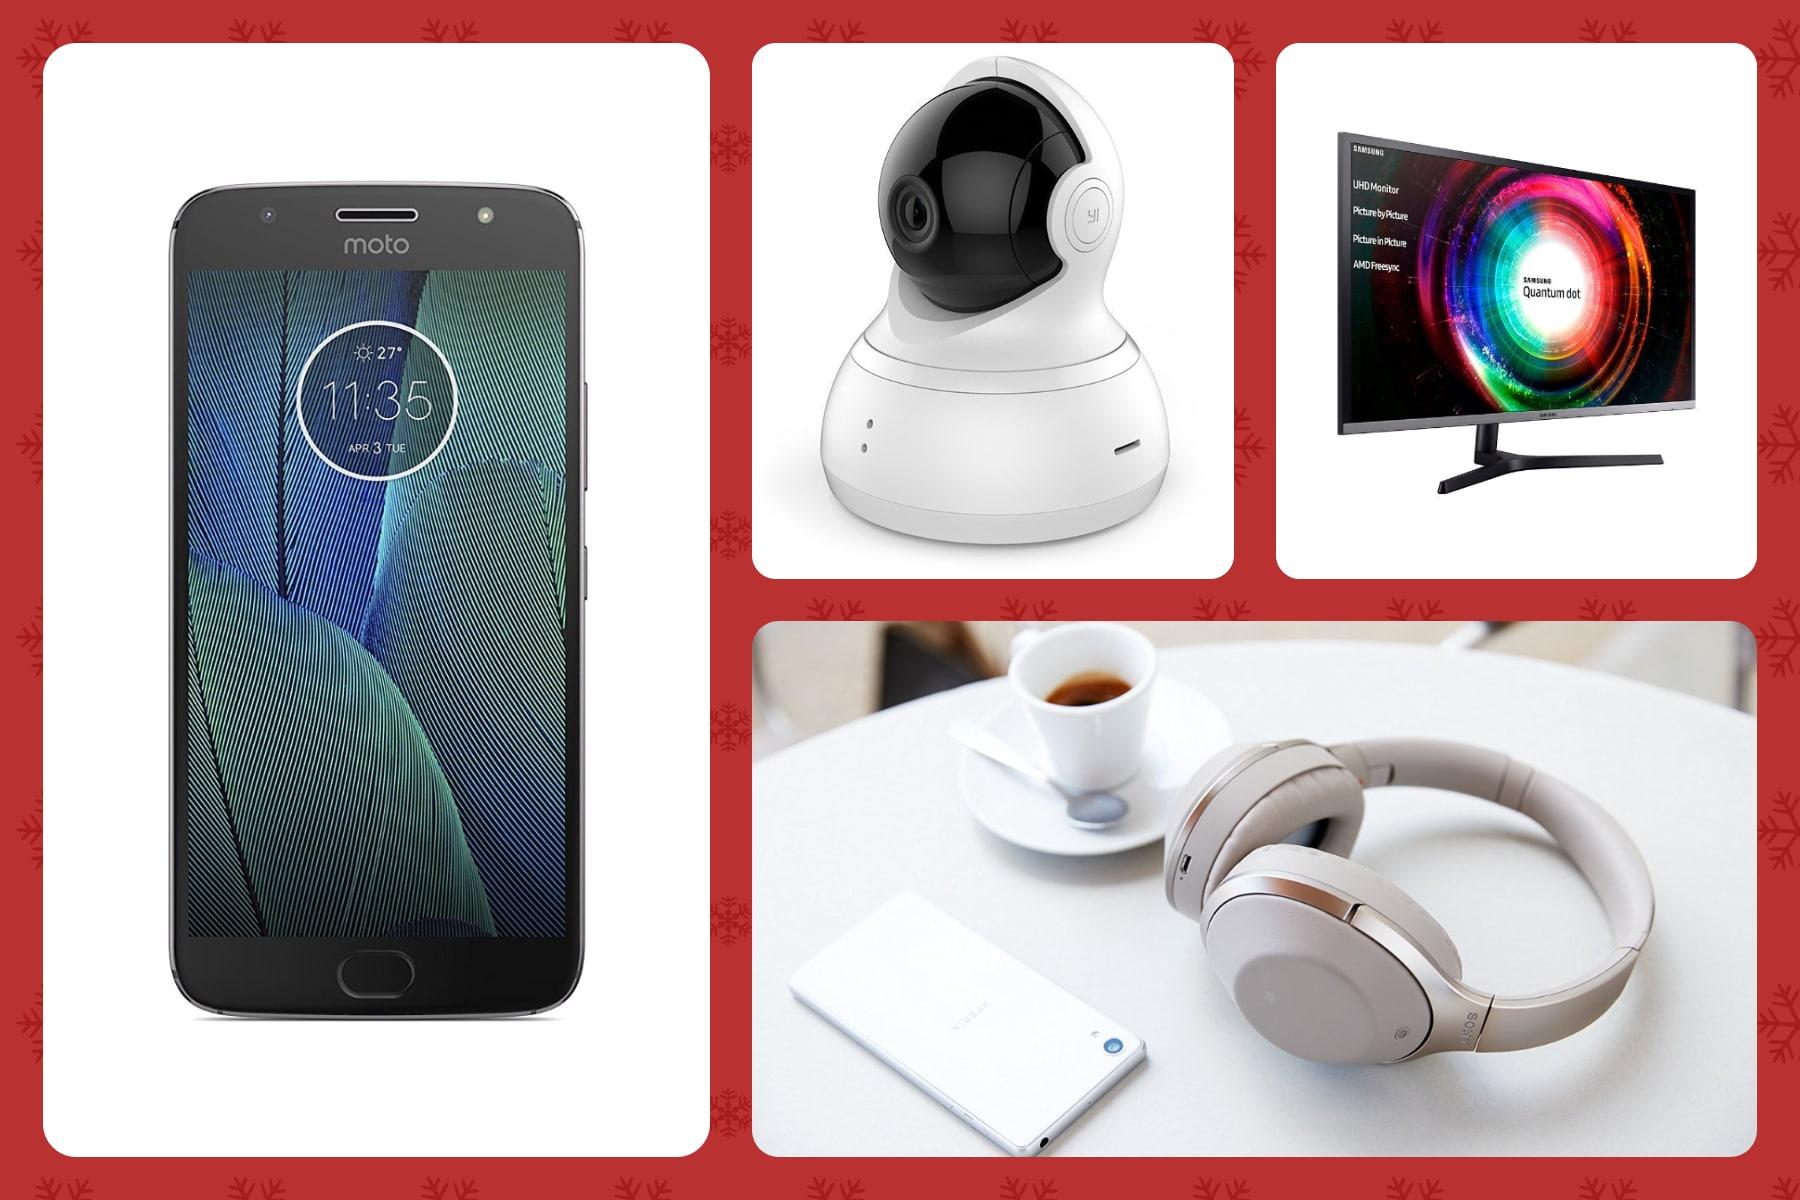 Galaxy S9 e S9+: foto del pannello posteriore, sensori fotocamera e cover - image migliori-offerte-amazon-19-dicembre-2017 on http://www.zxbyte.com